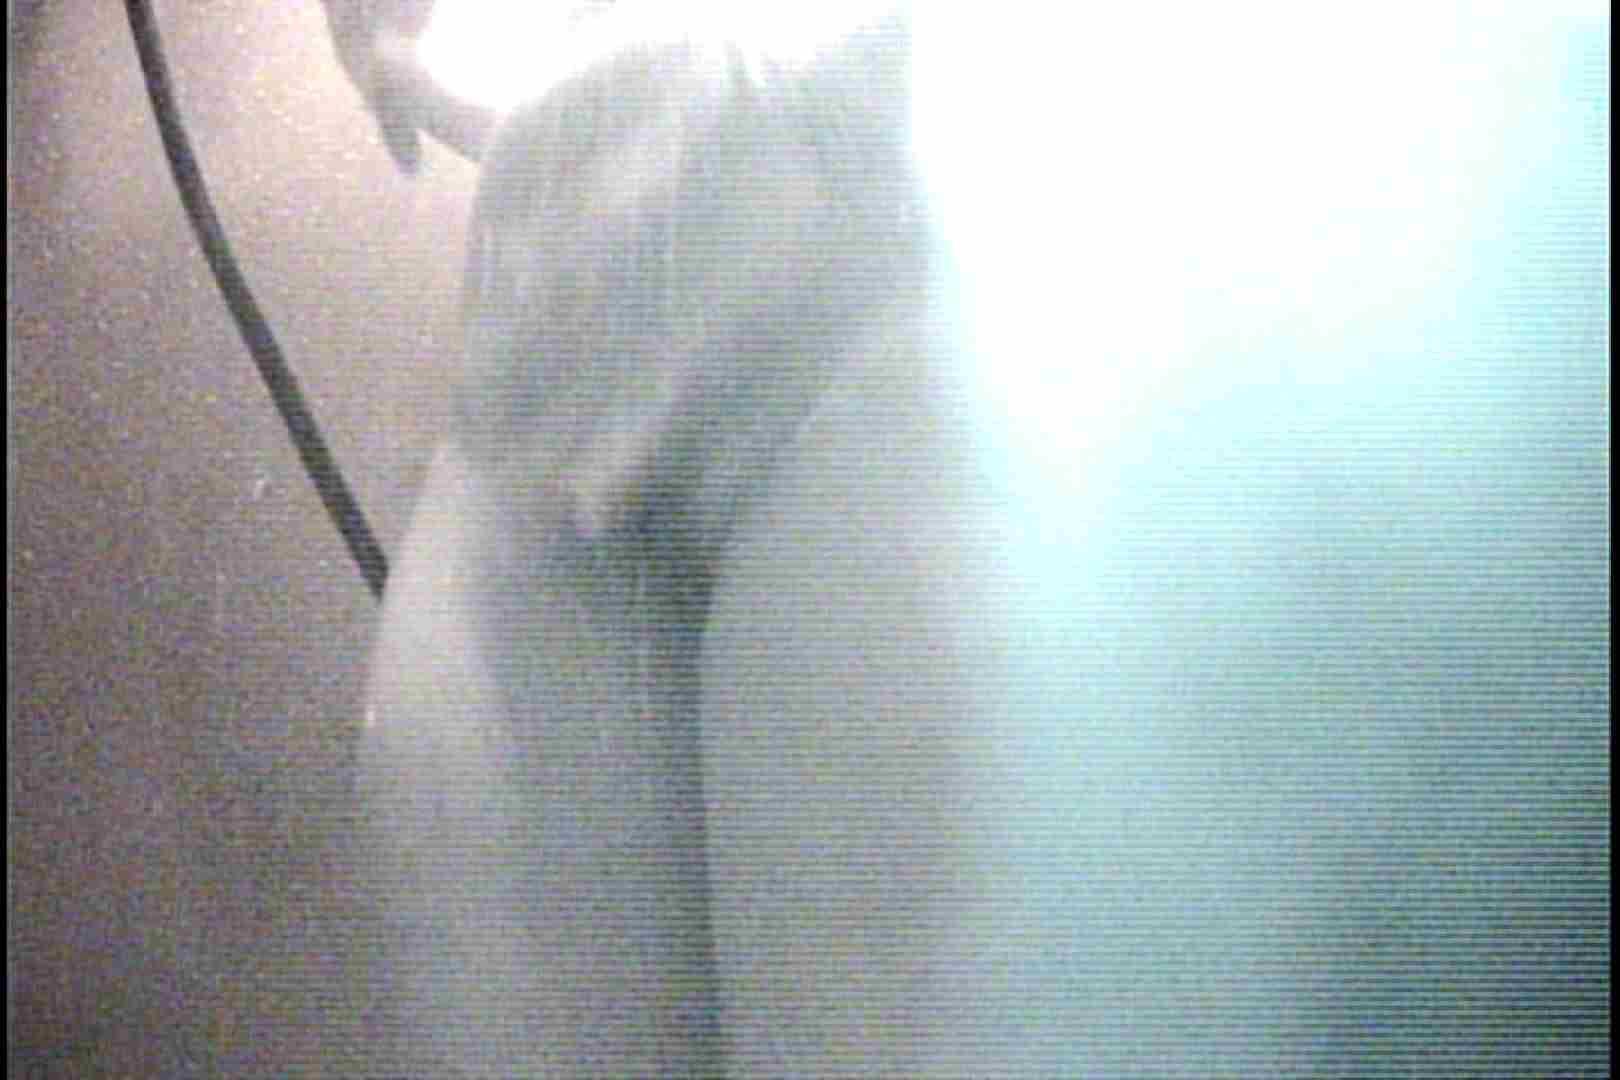 File.41 ギャル、大迫力の下半身 シャワー室 AV動画キャプチャ 79枚 60